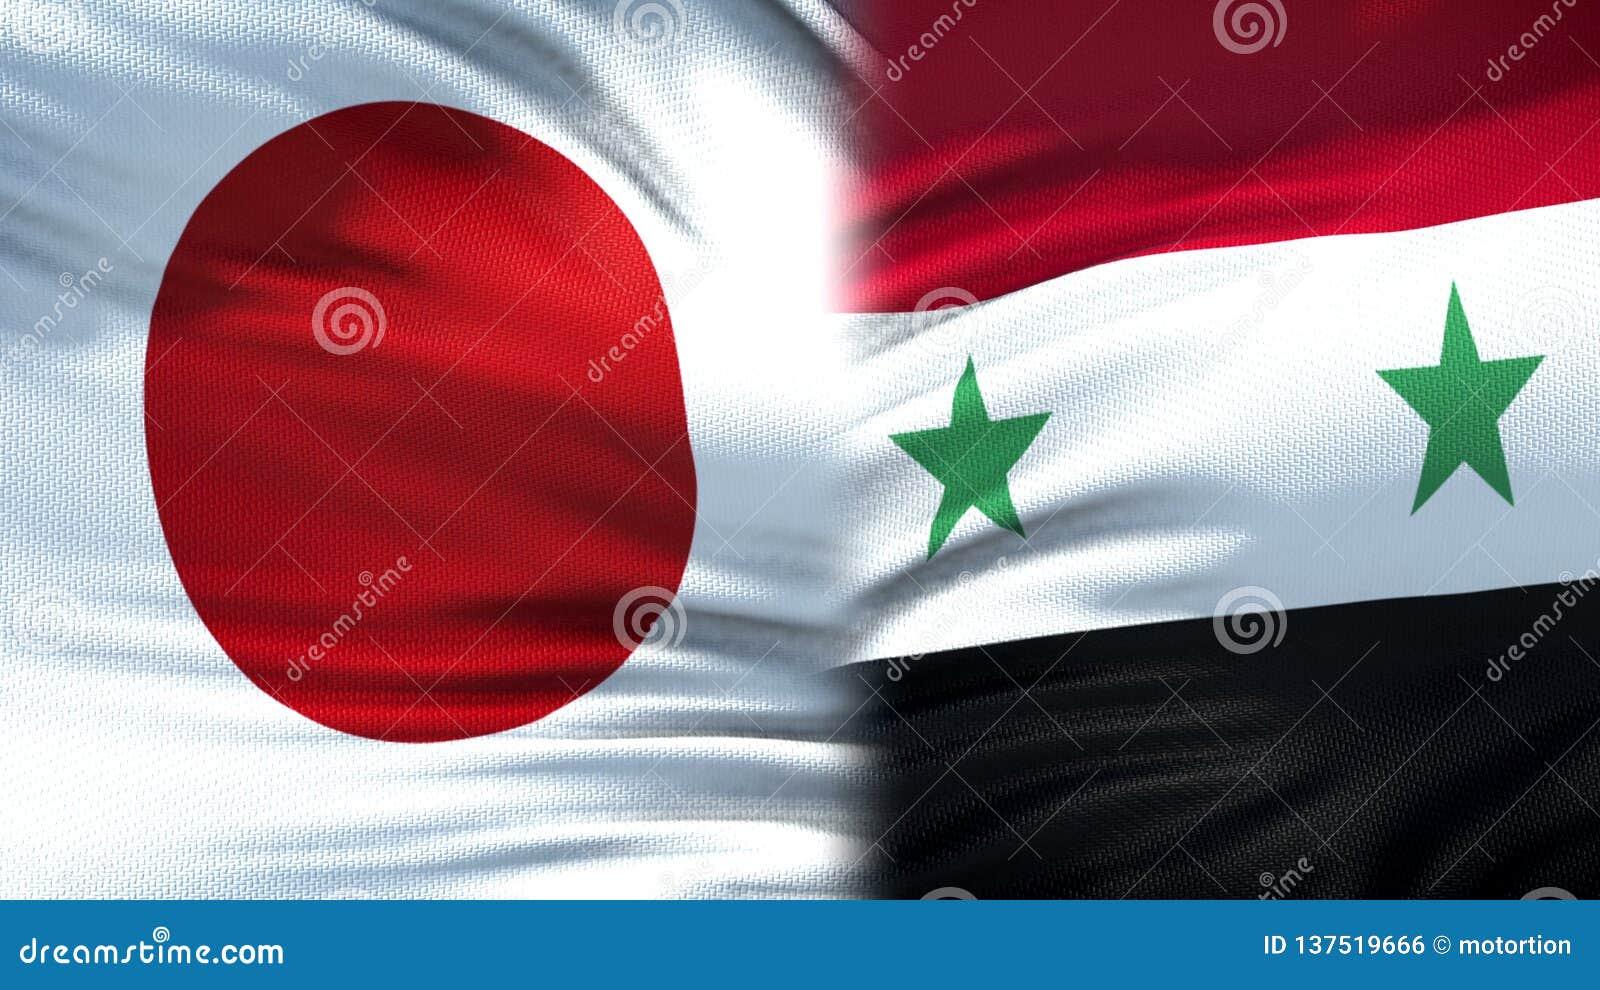 Предпосылка флагов Японии и Сирии, дипломатический и экономические отношения, безопасность